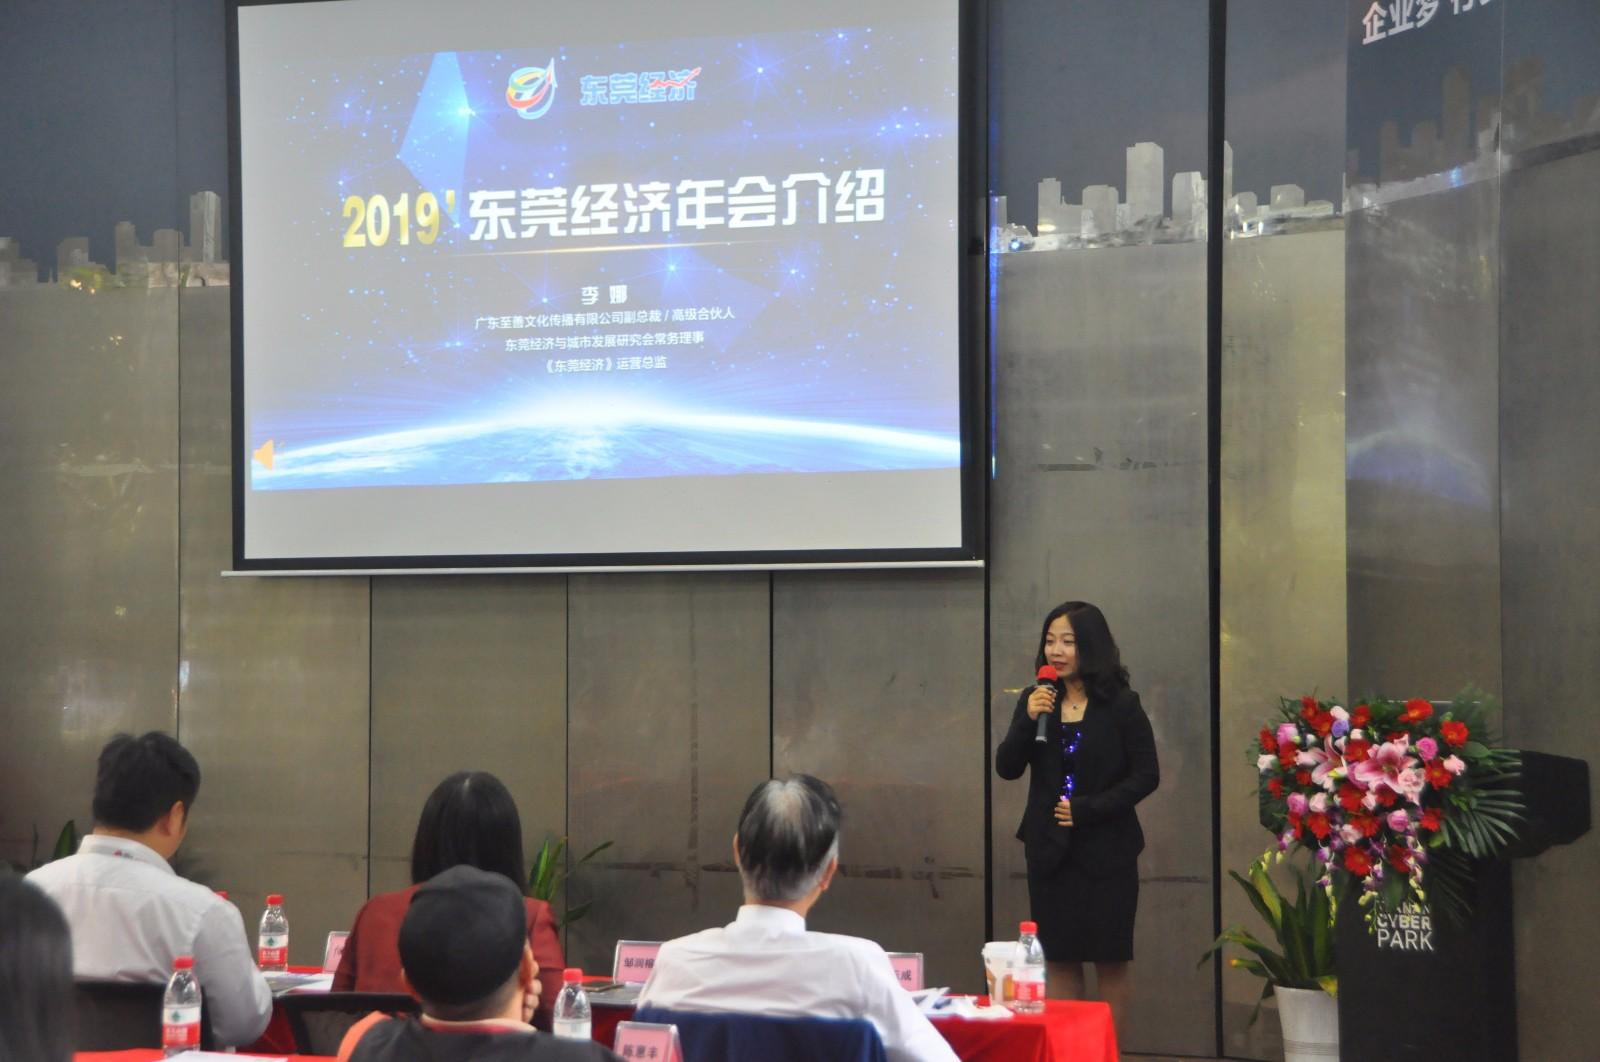 2019经济年度候选人_中国数学会2019年度推选中国科学院院士候选人公示 -中国数学会